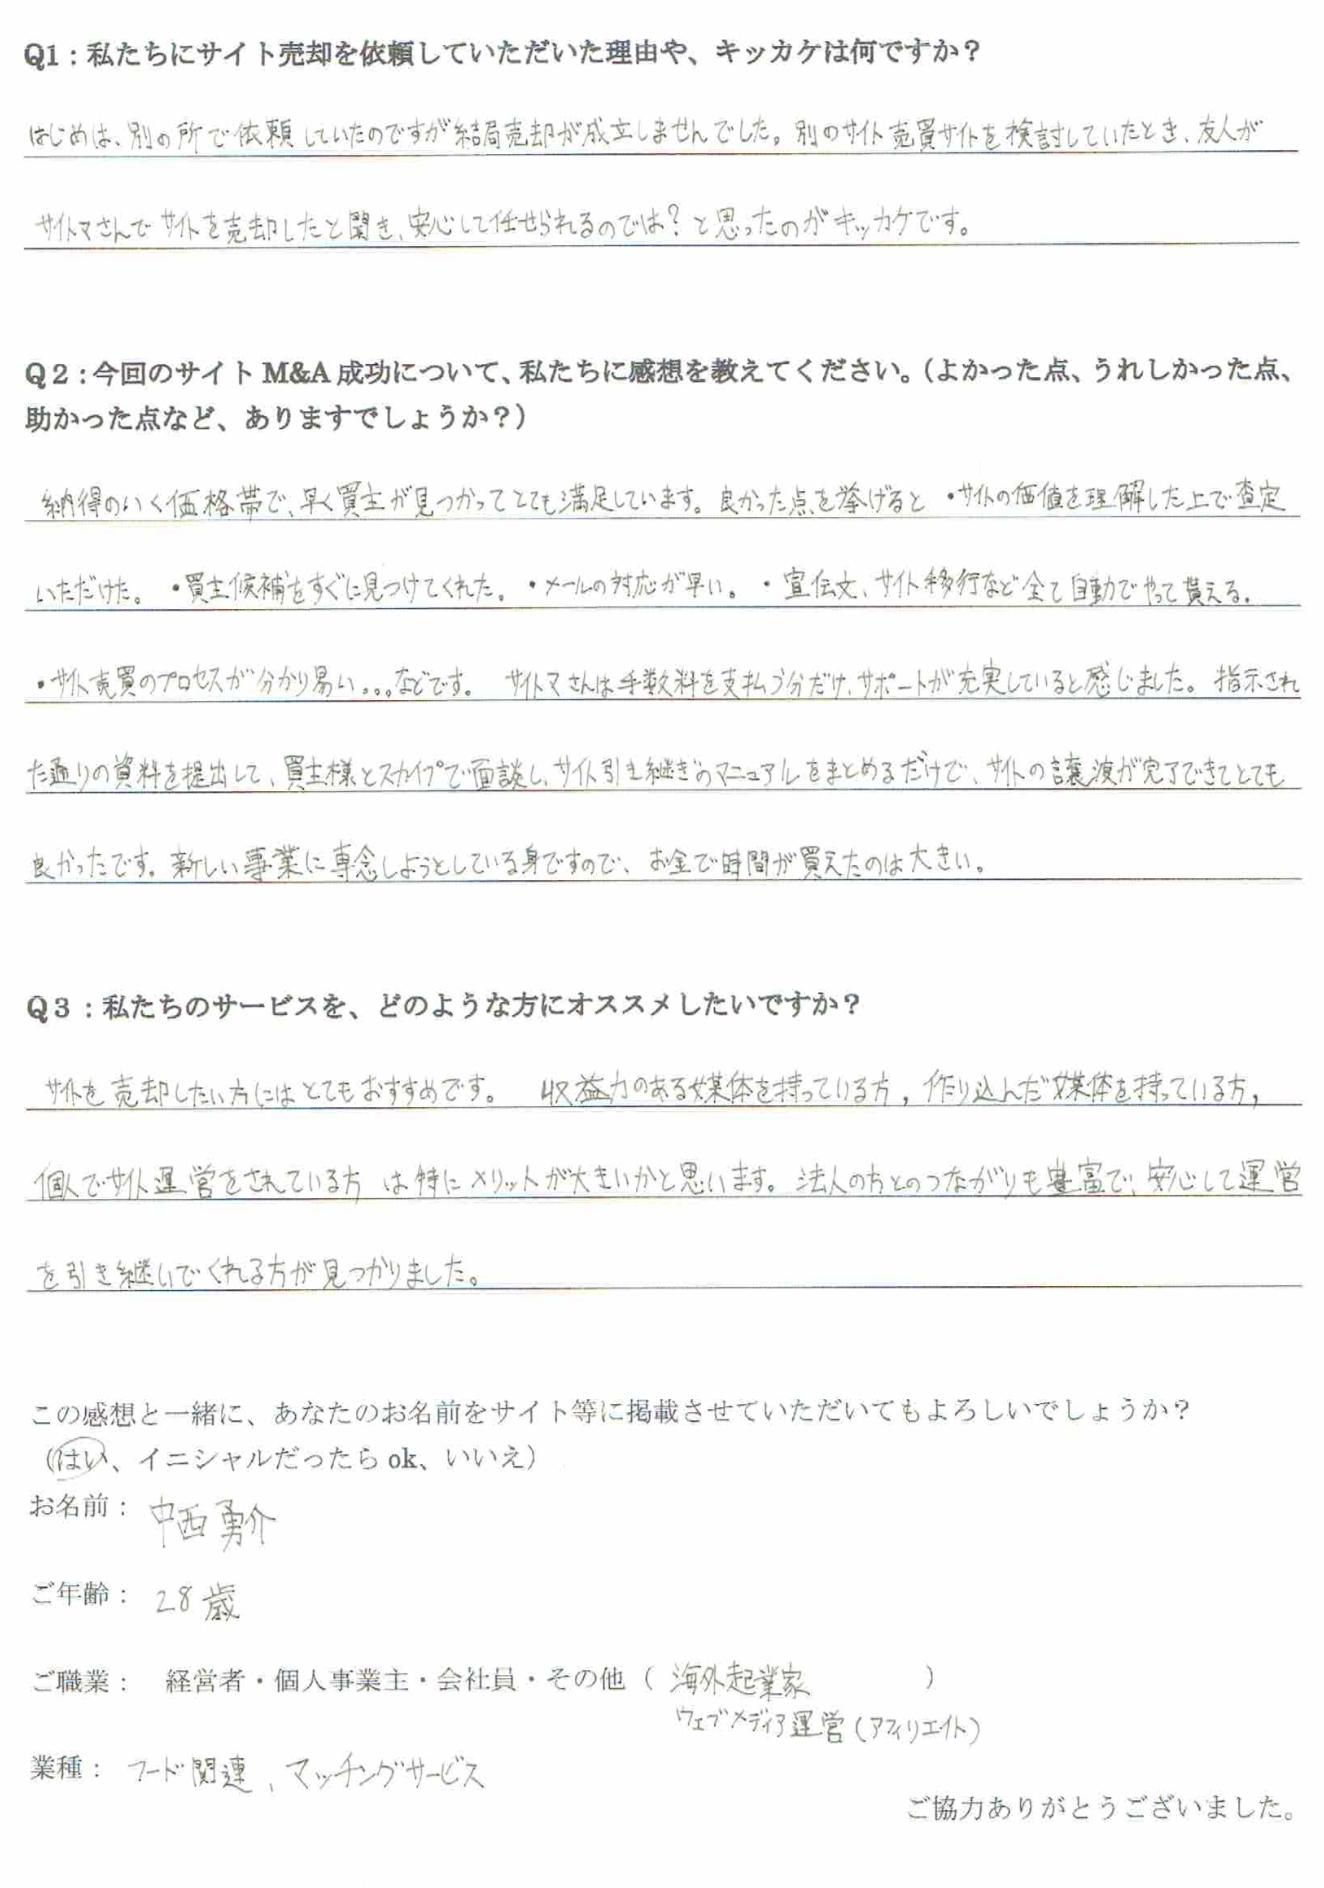 中西勇介様 手書き感想